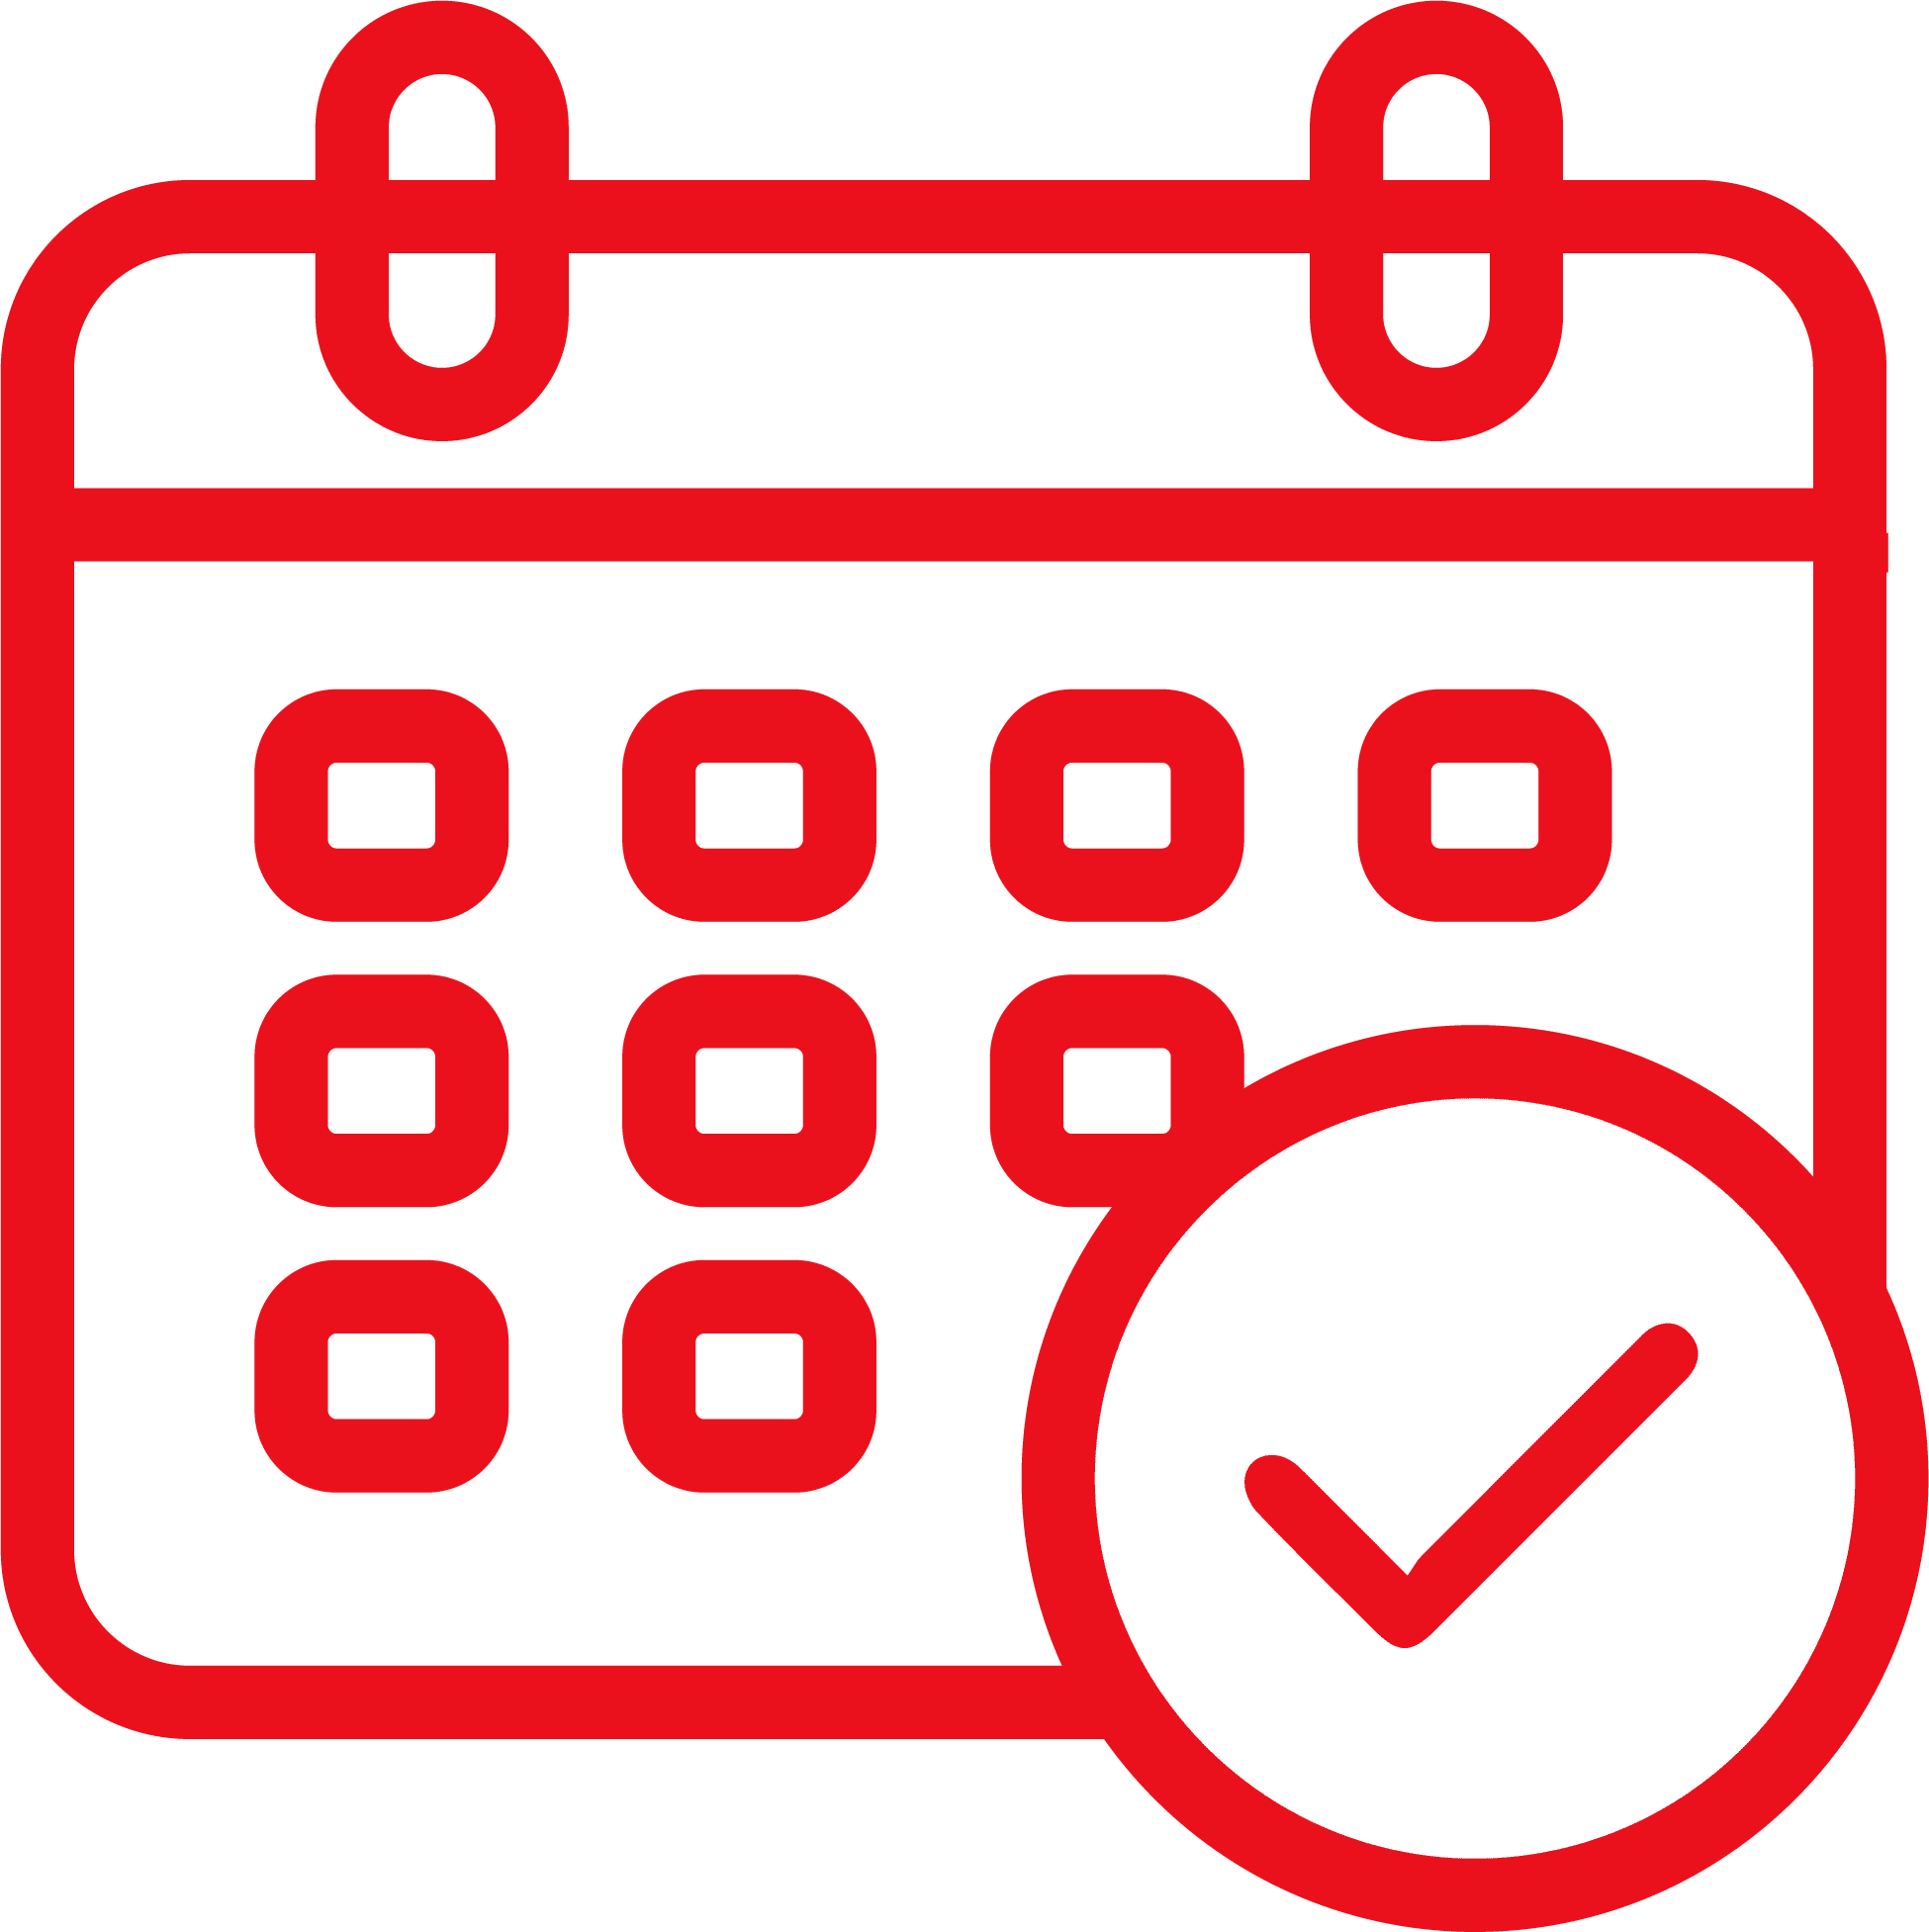 Calendar and checkmark icon